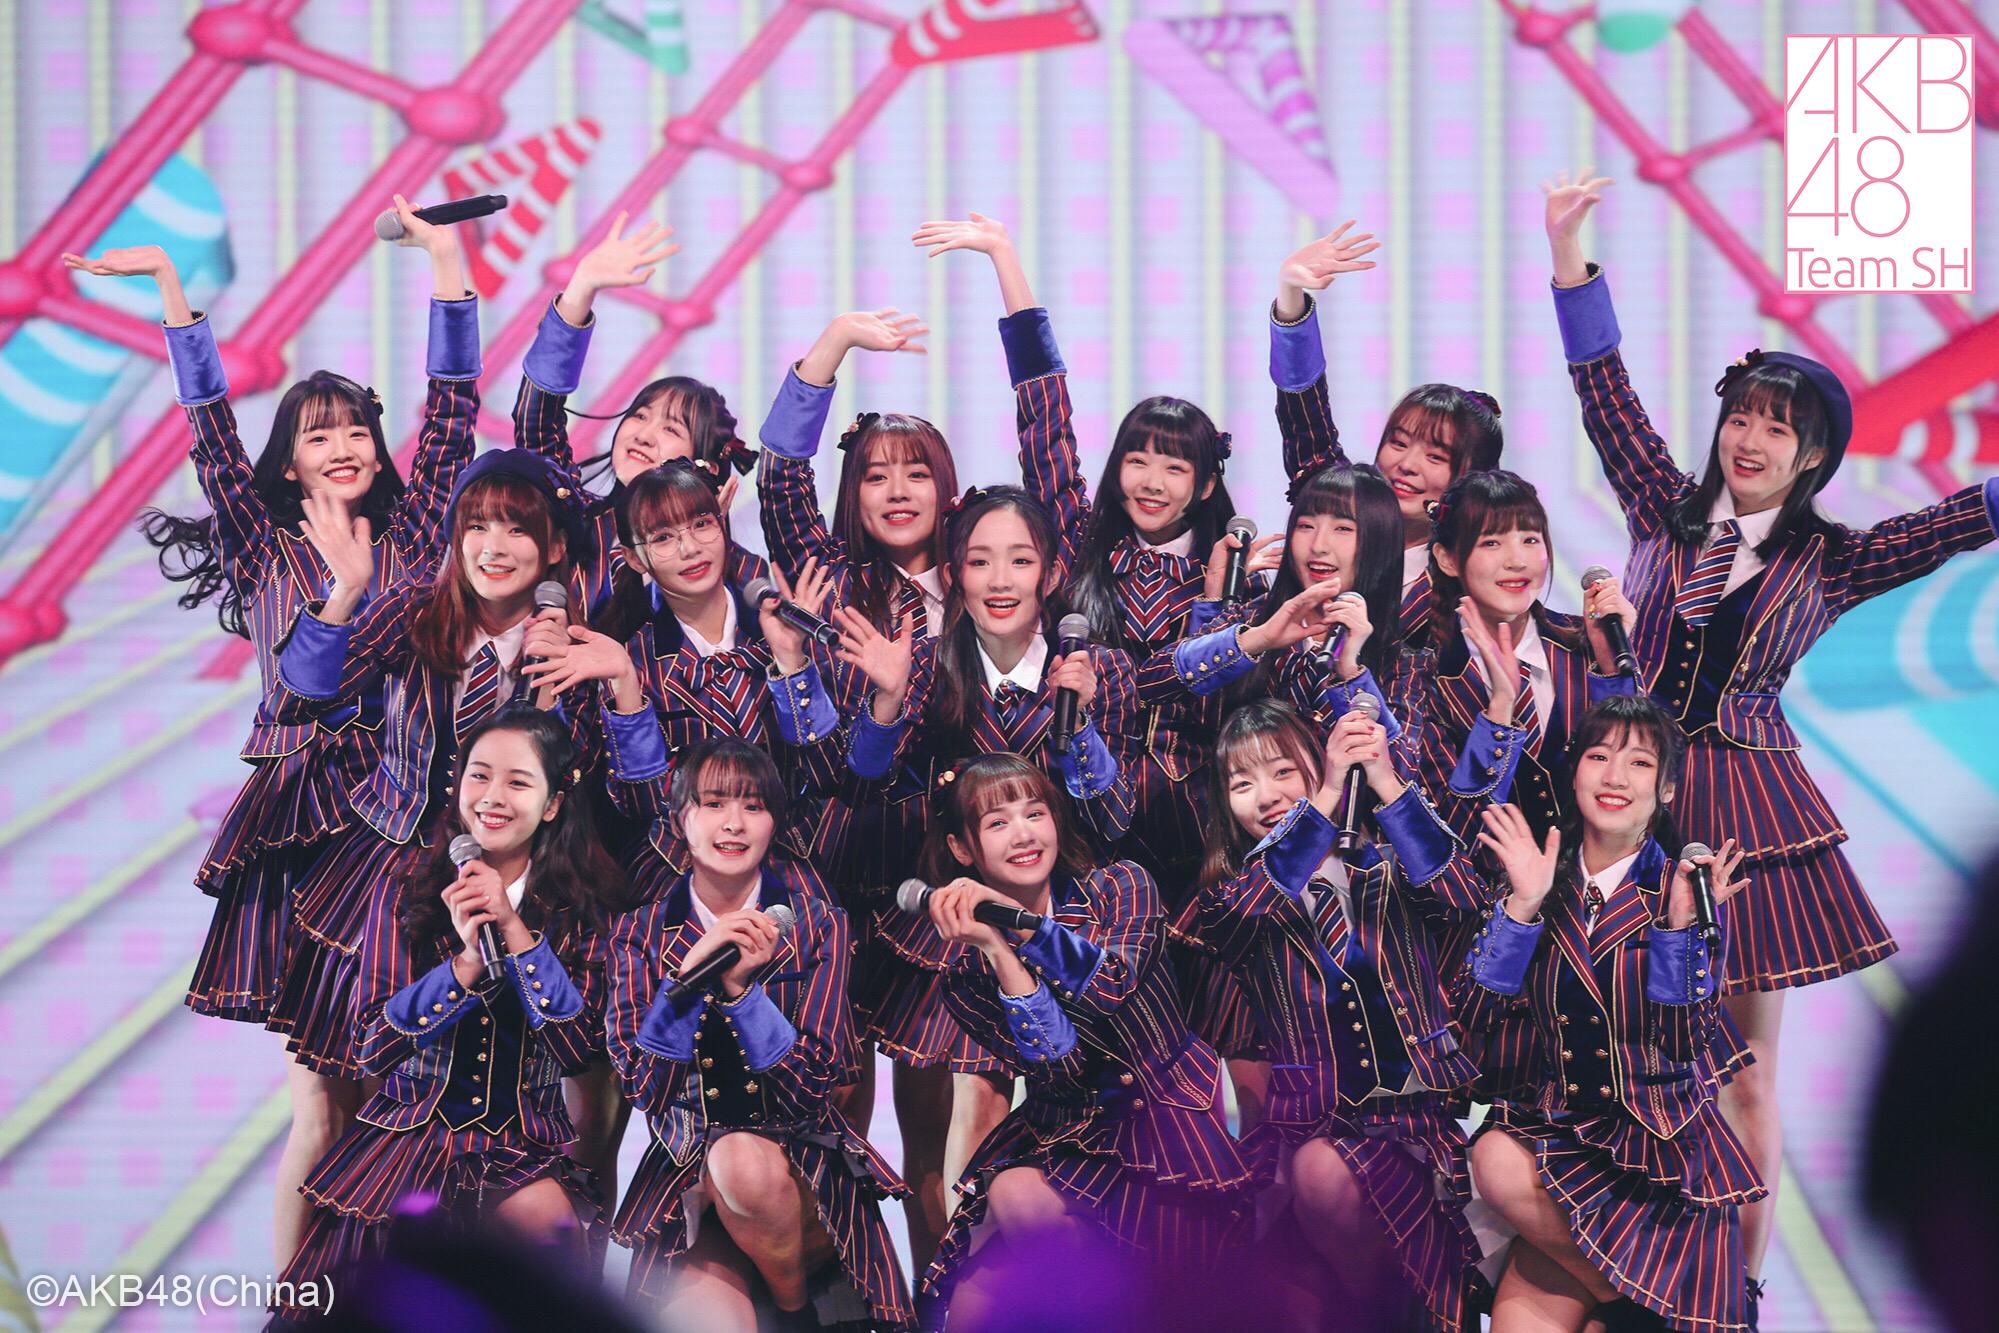 AKB48TeamSH东方卫视跨年披露新歌,零点奏响初日之声